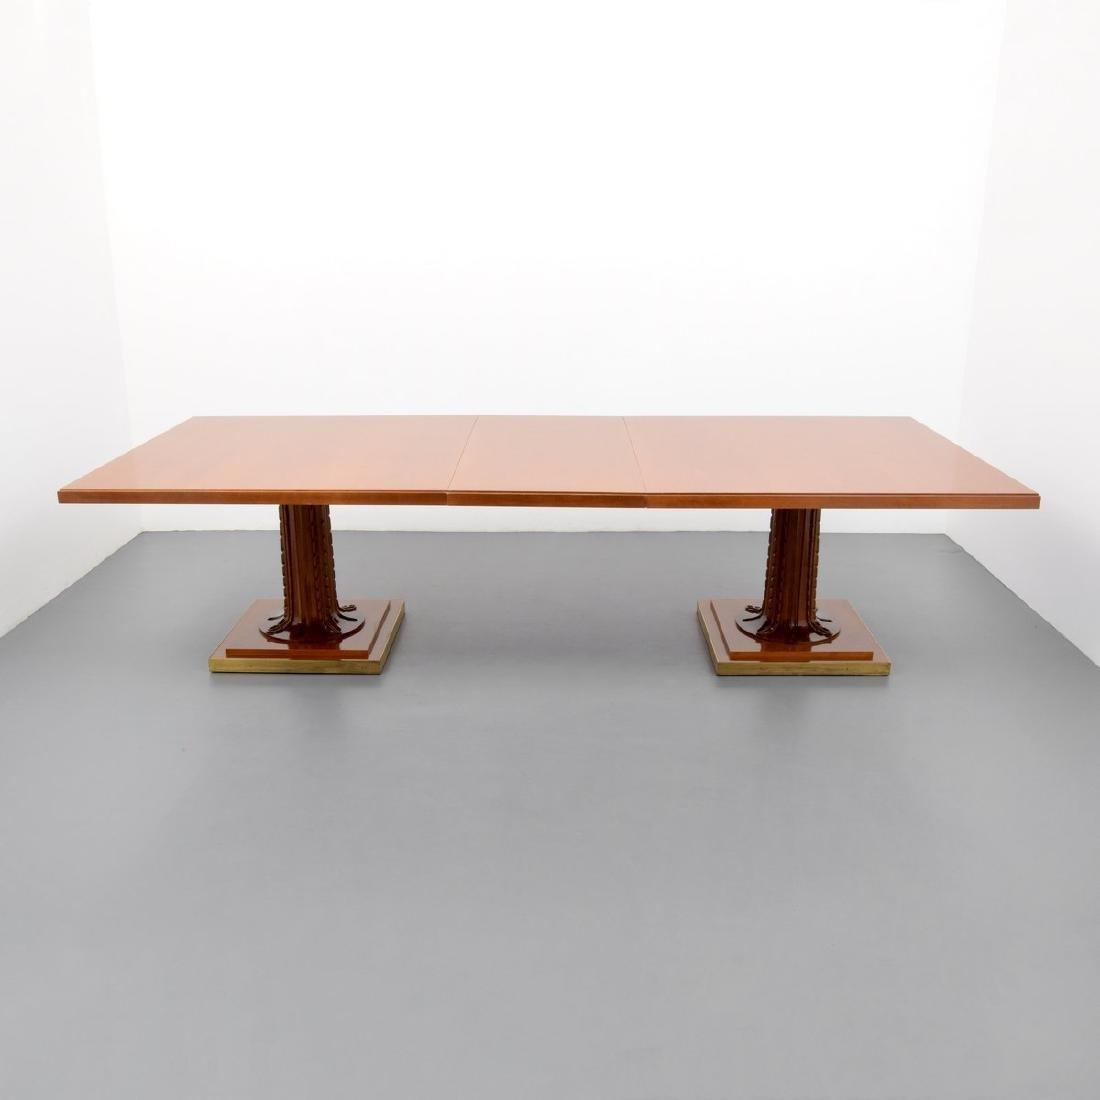 Monumental T.H. Robsjohn-Gibbings Dining Table - 2